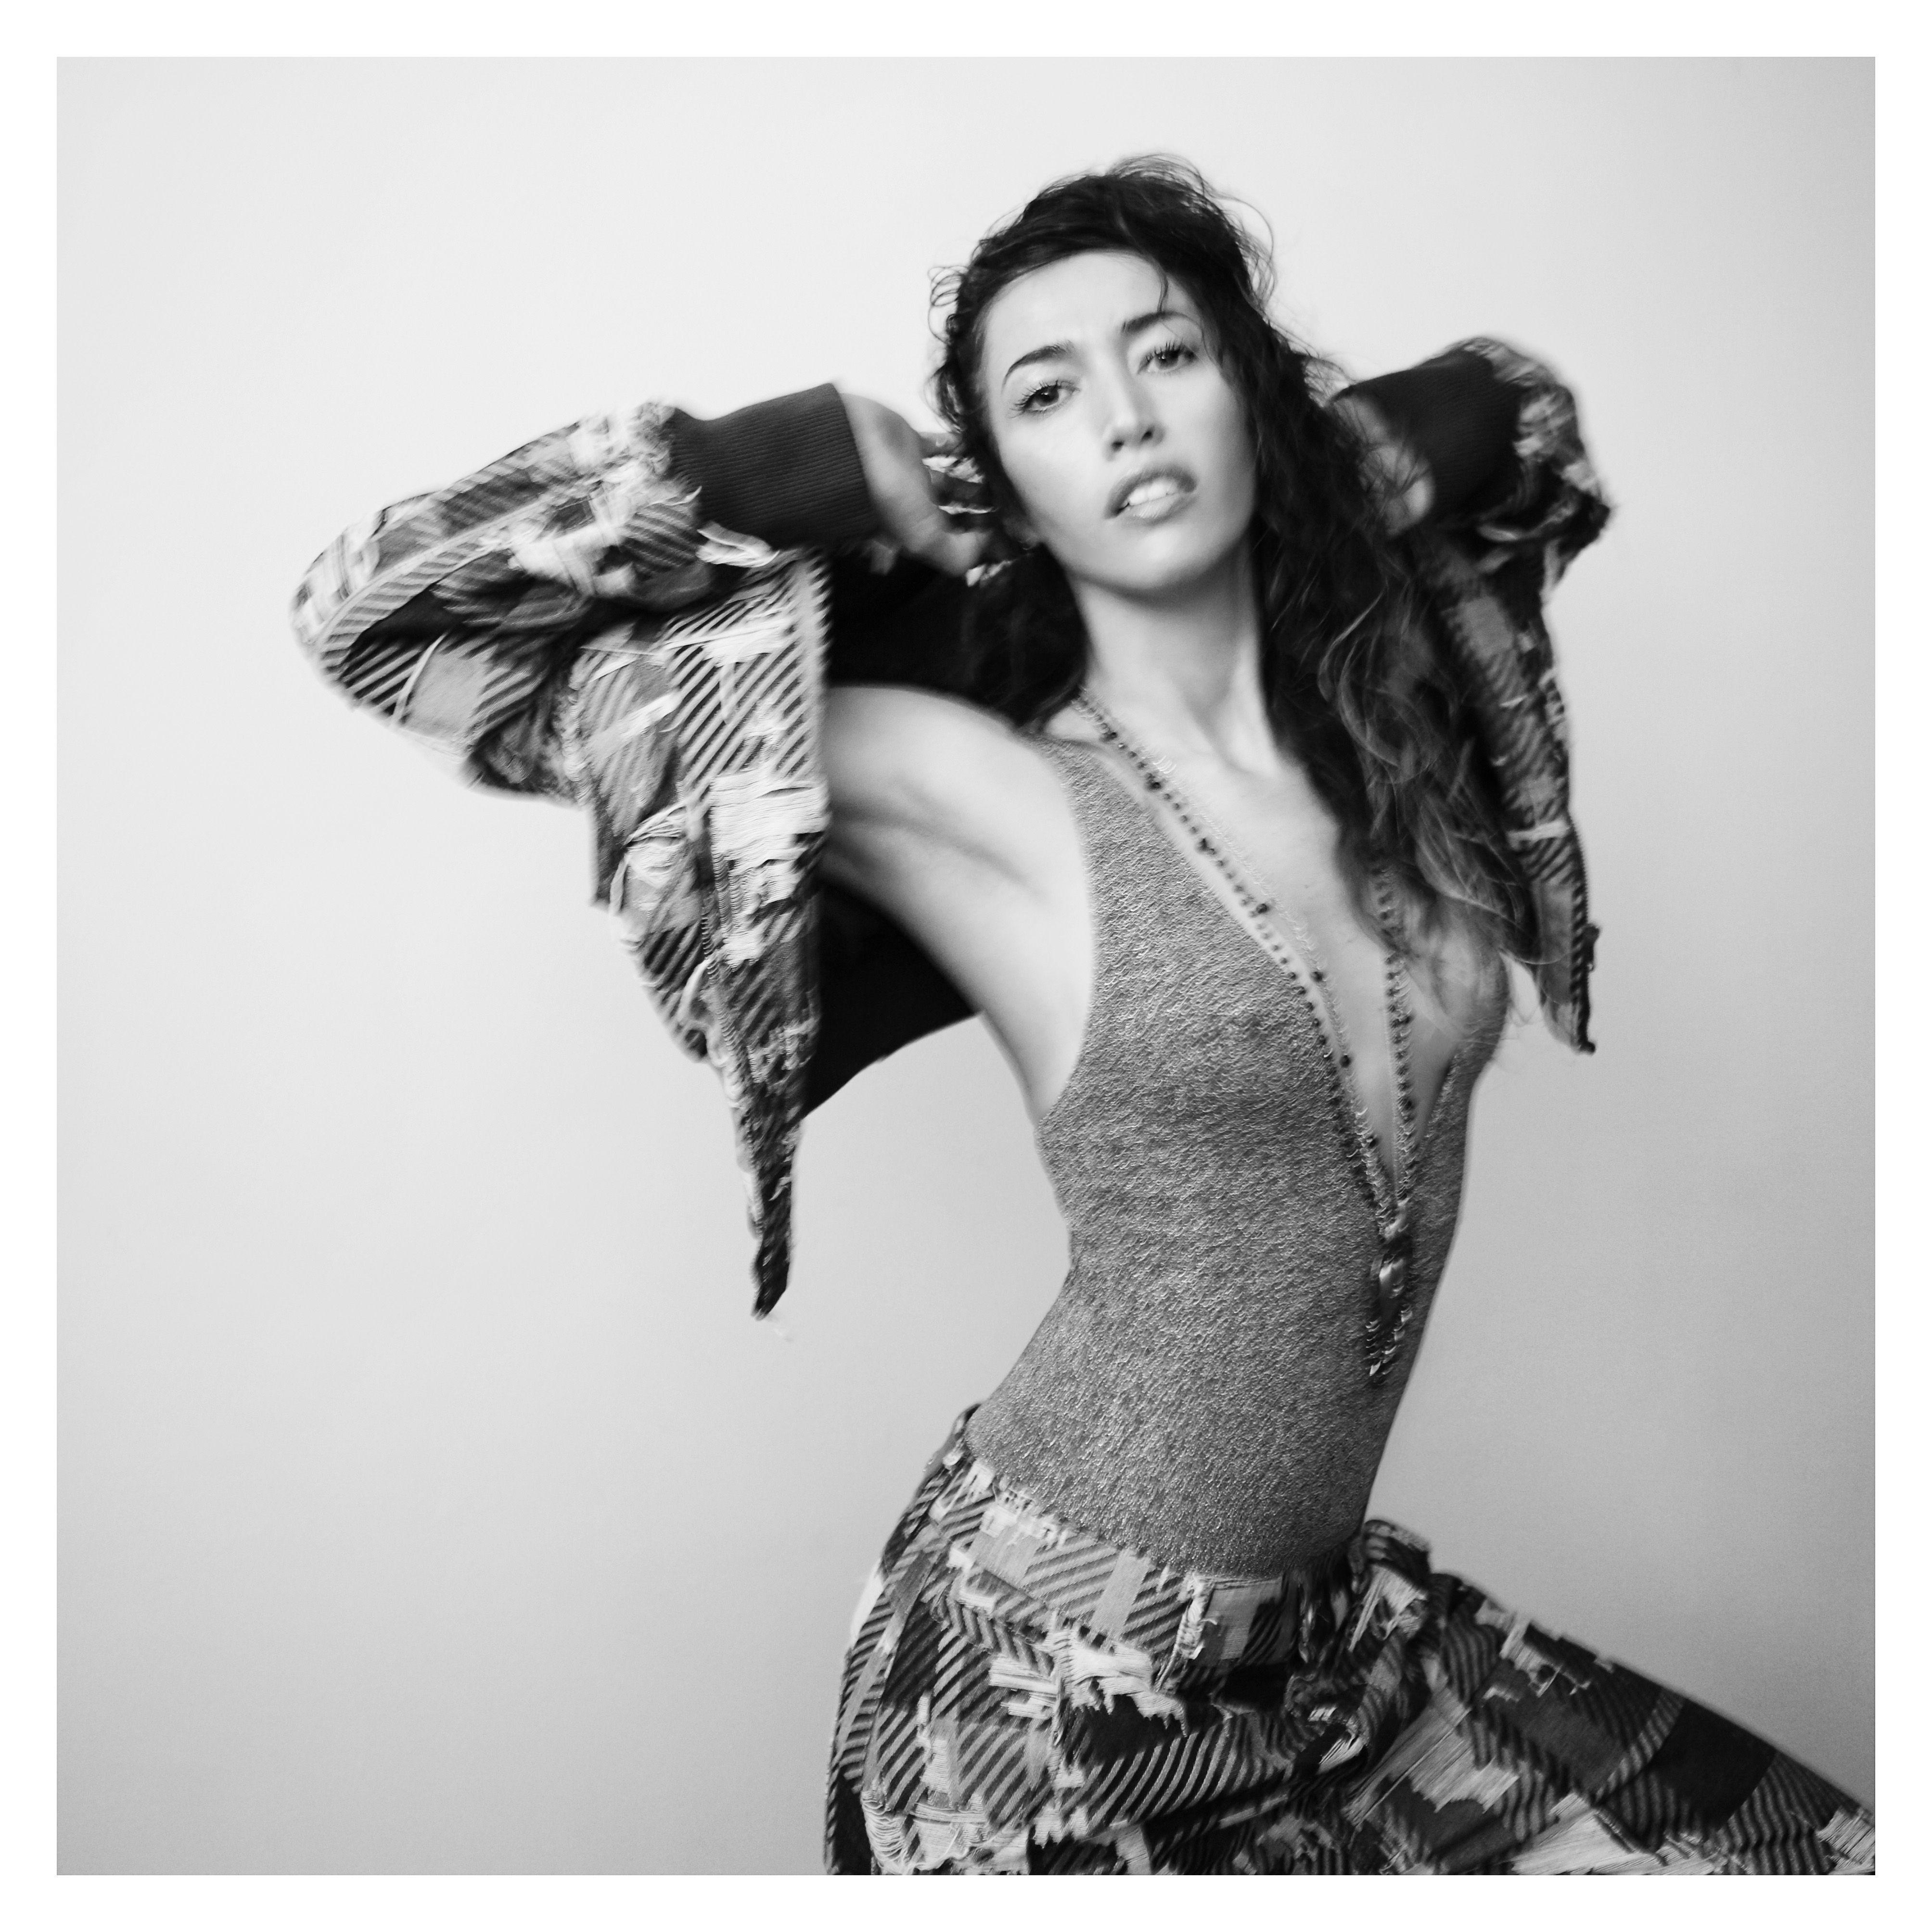 """Da venerdì 29 settembrearriva in radioDOMANI ARRIVERA',ilnuovo singolo di Nina Zilli dopo """"mi hai fatto fare tardi"""",estratto daMODERN ART,"""